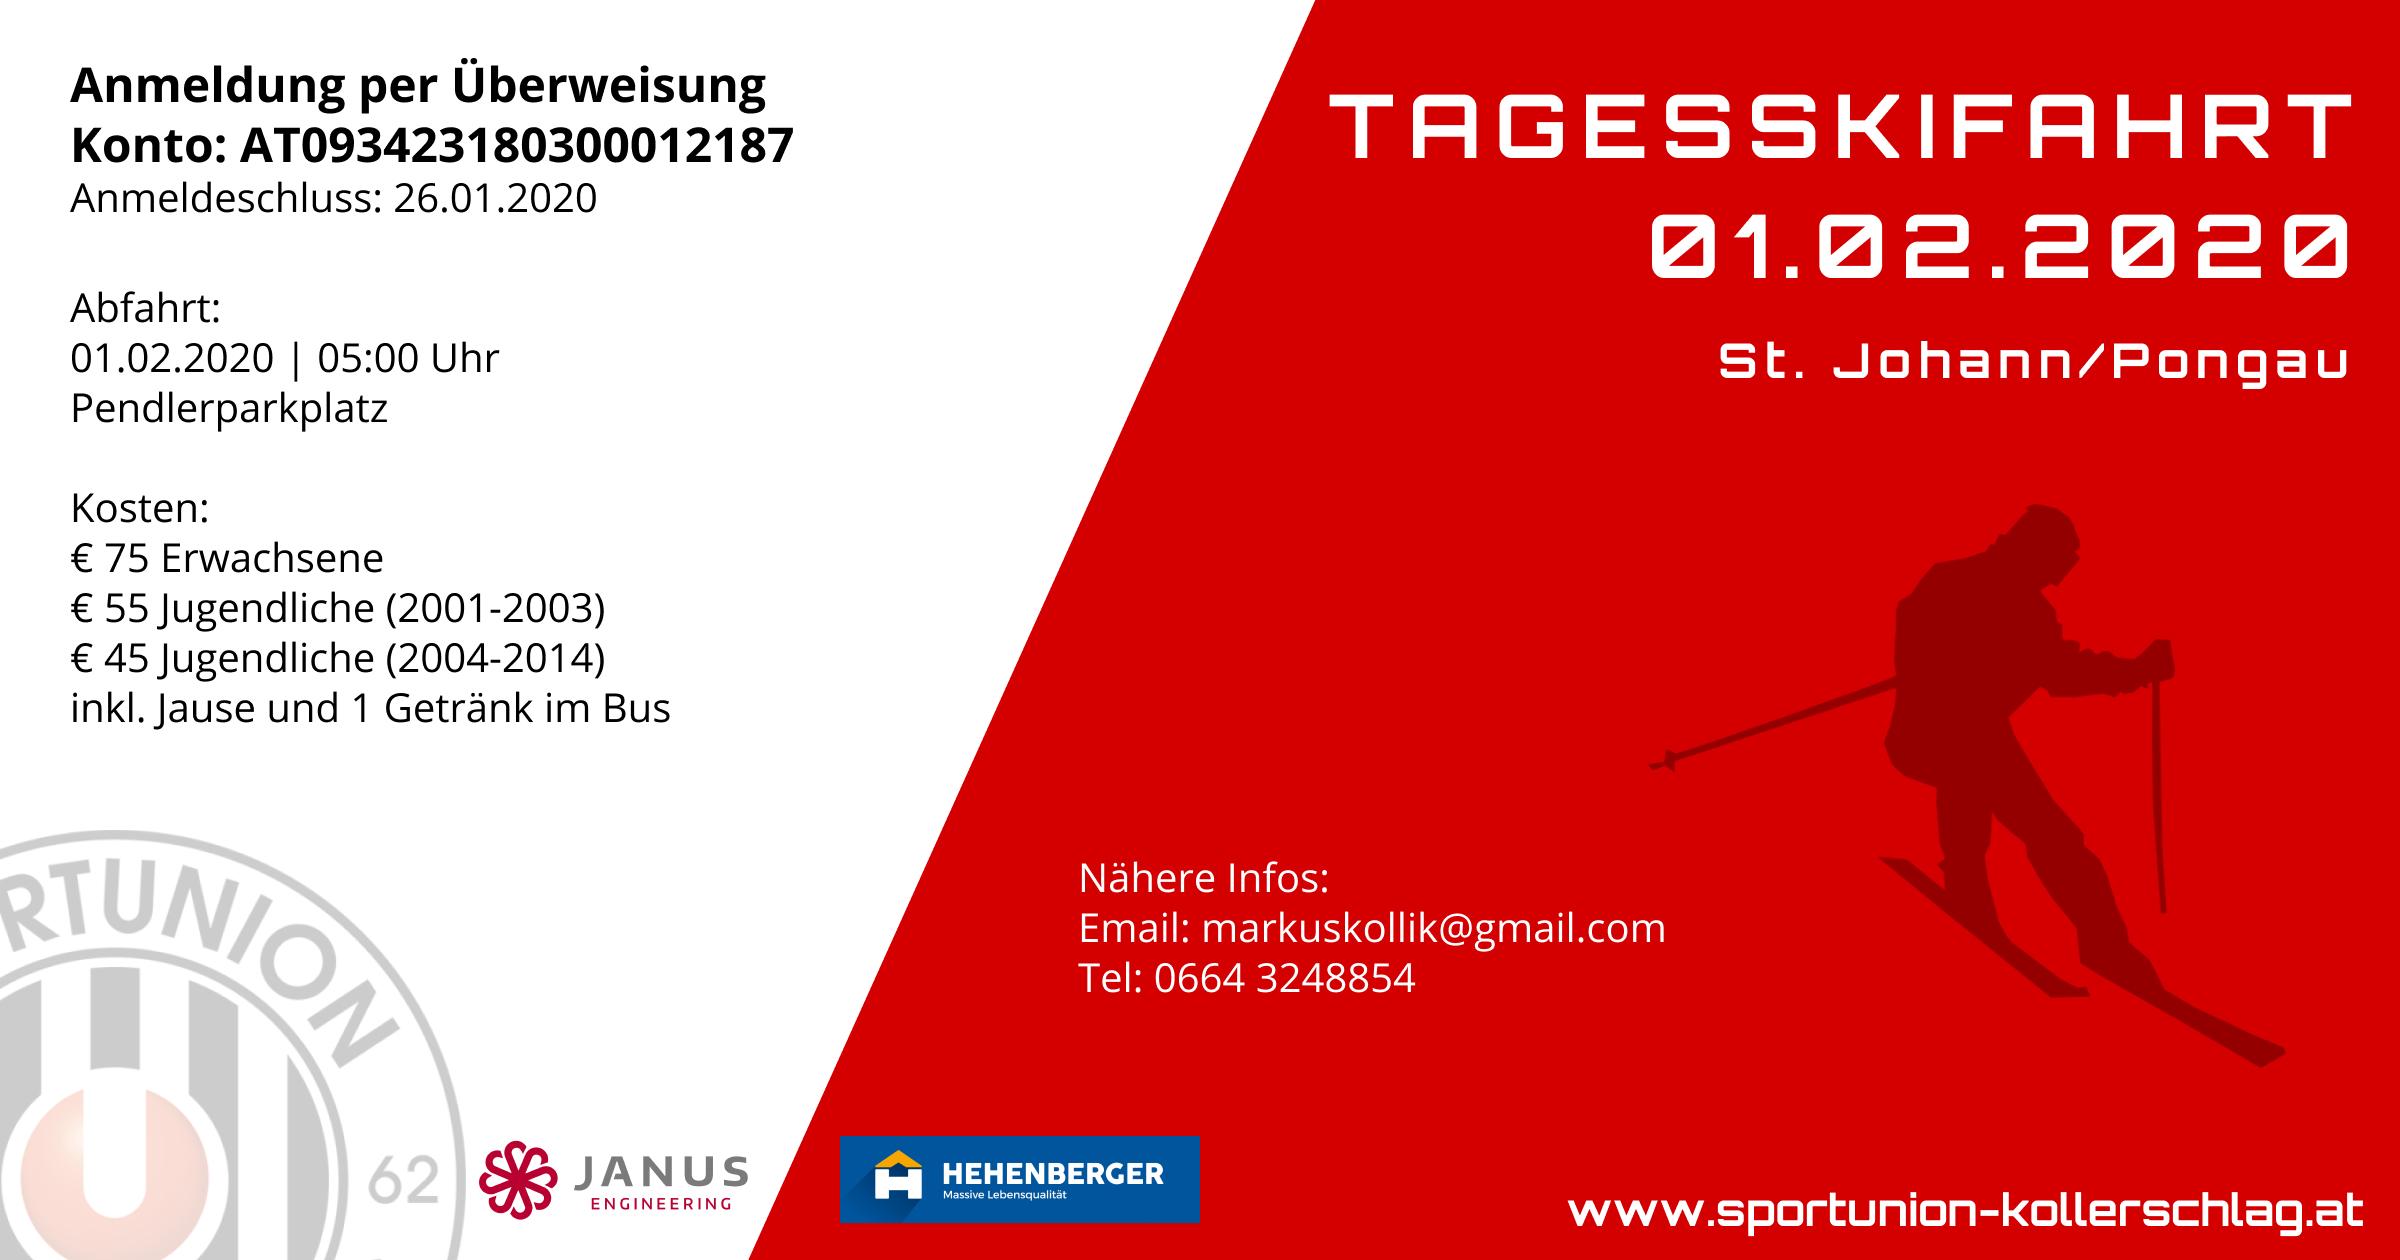 Tagesskifahrt nach St. Johann/Pongau am Samstag 01. Februar 2020